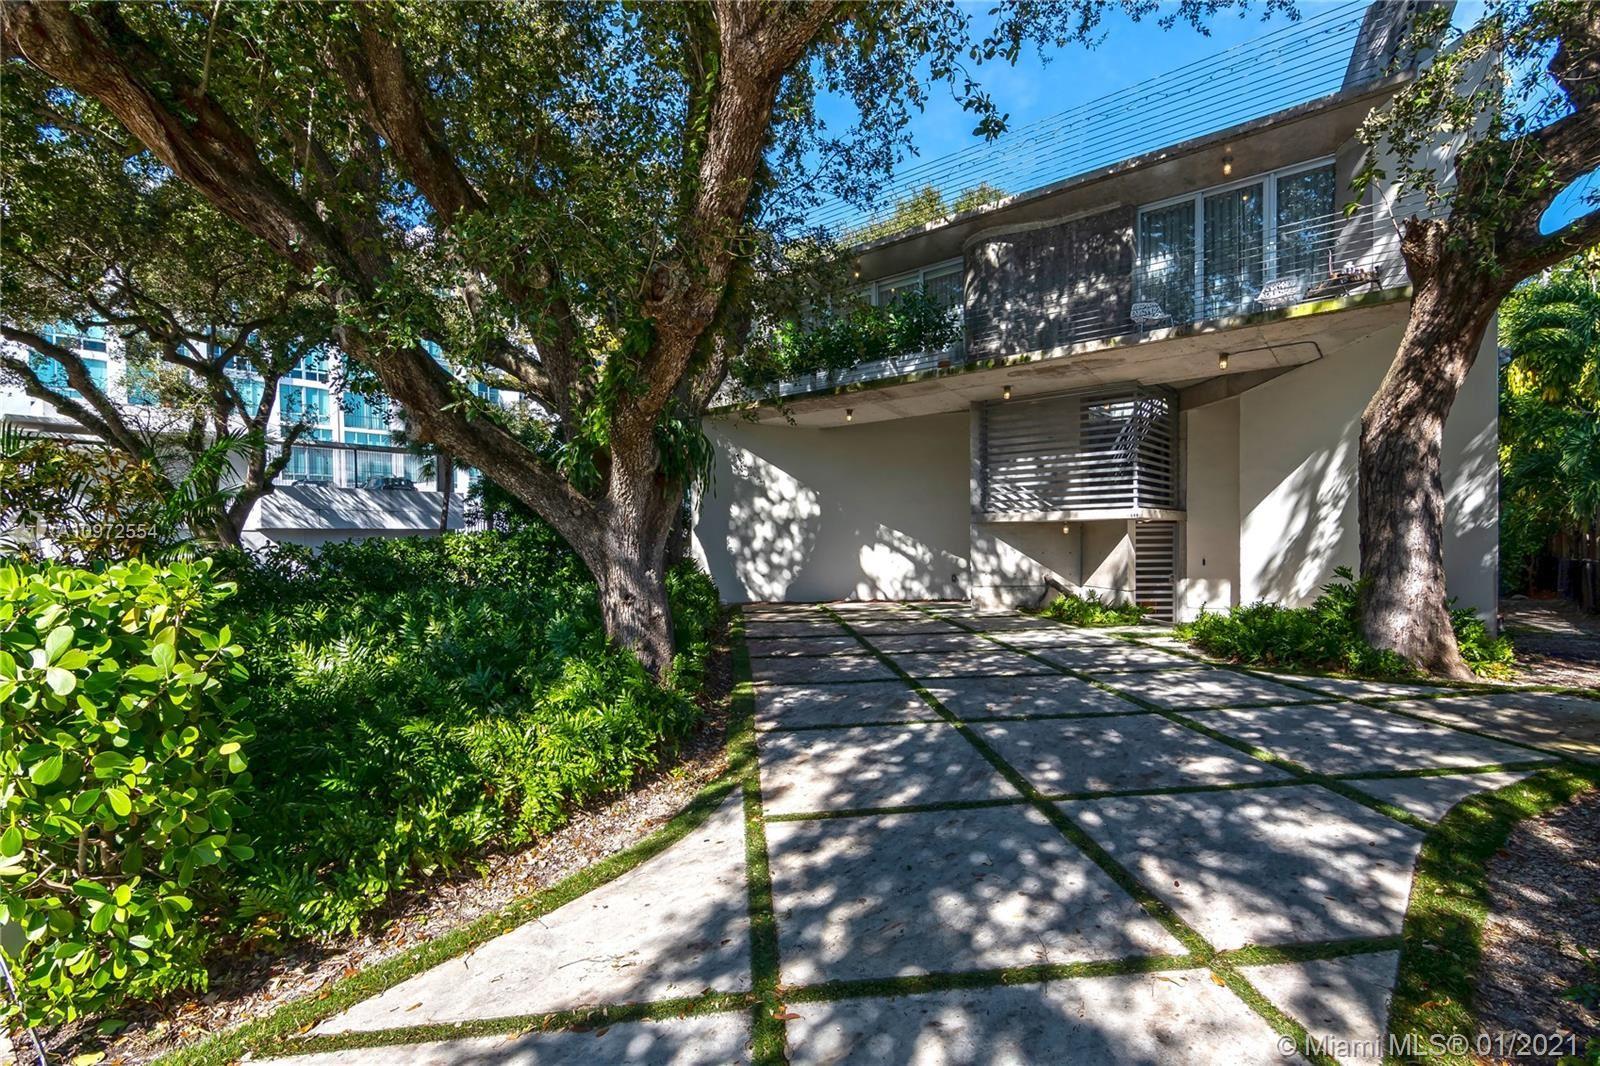 649 NE 81st St, Miami, FL 33138 - #: A10972554